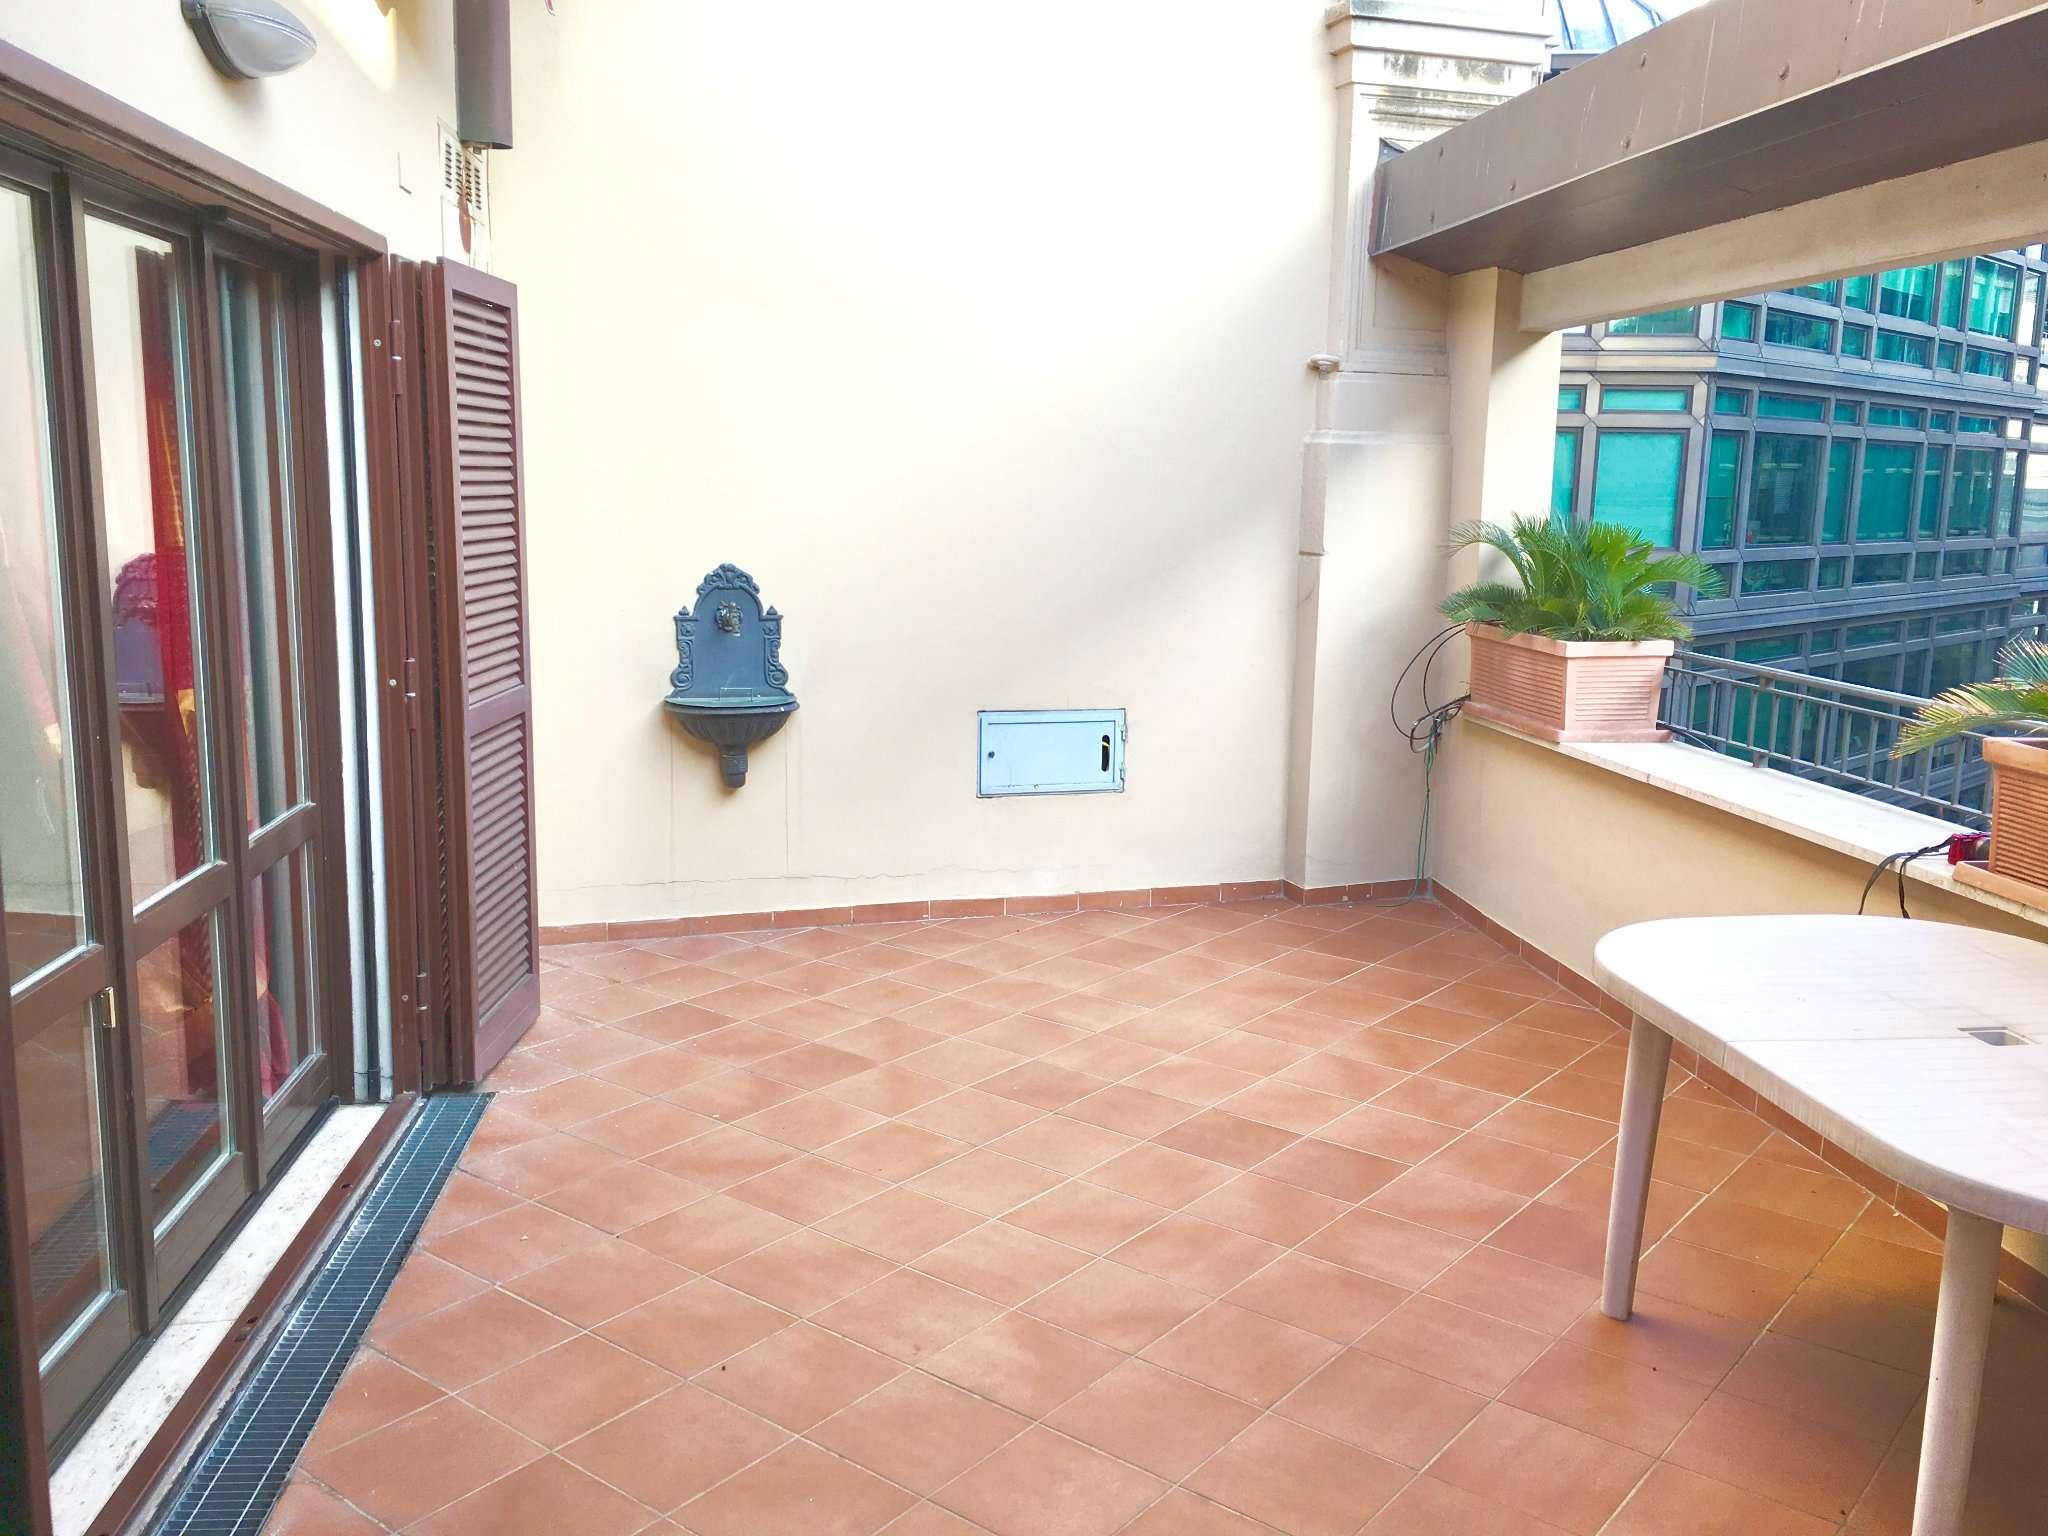 Foto 4 di Appartamento via Via Clerici, Milano (zona Centro Storico)